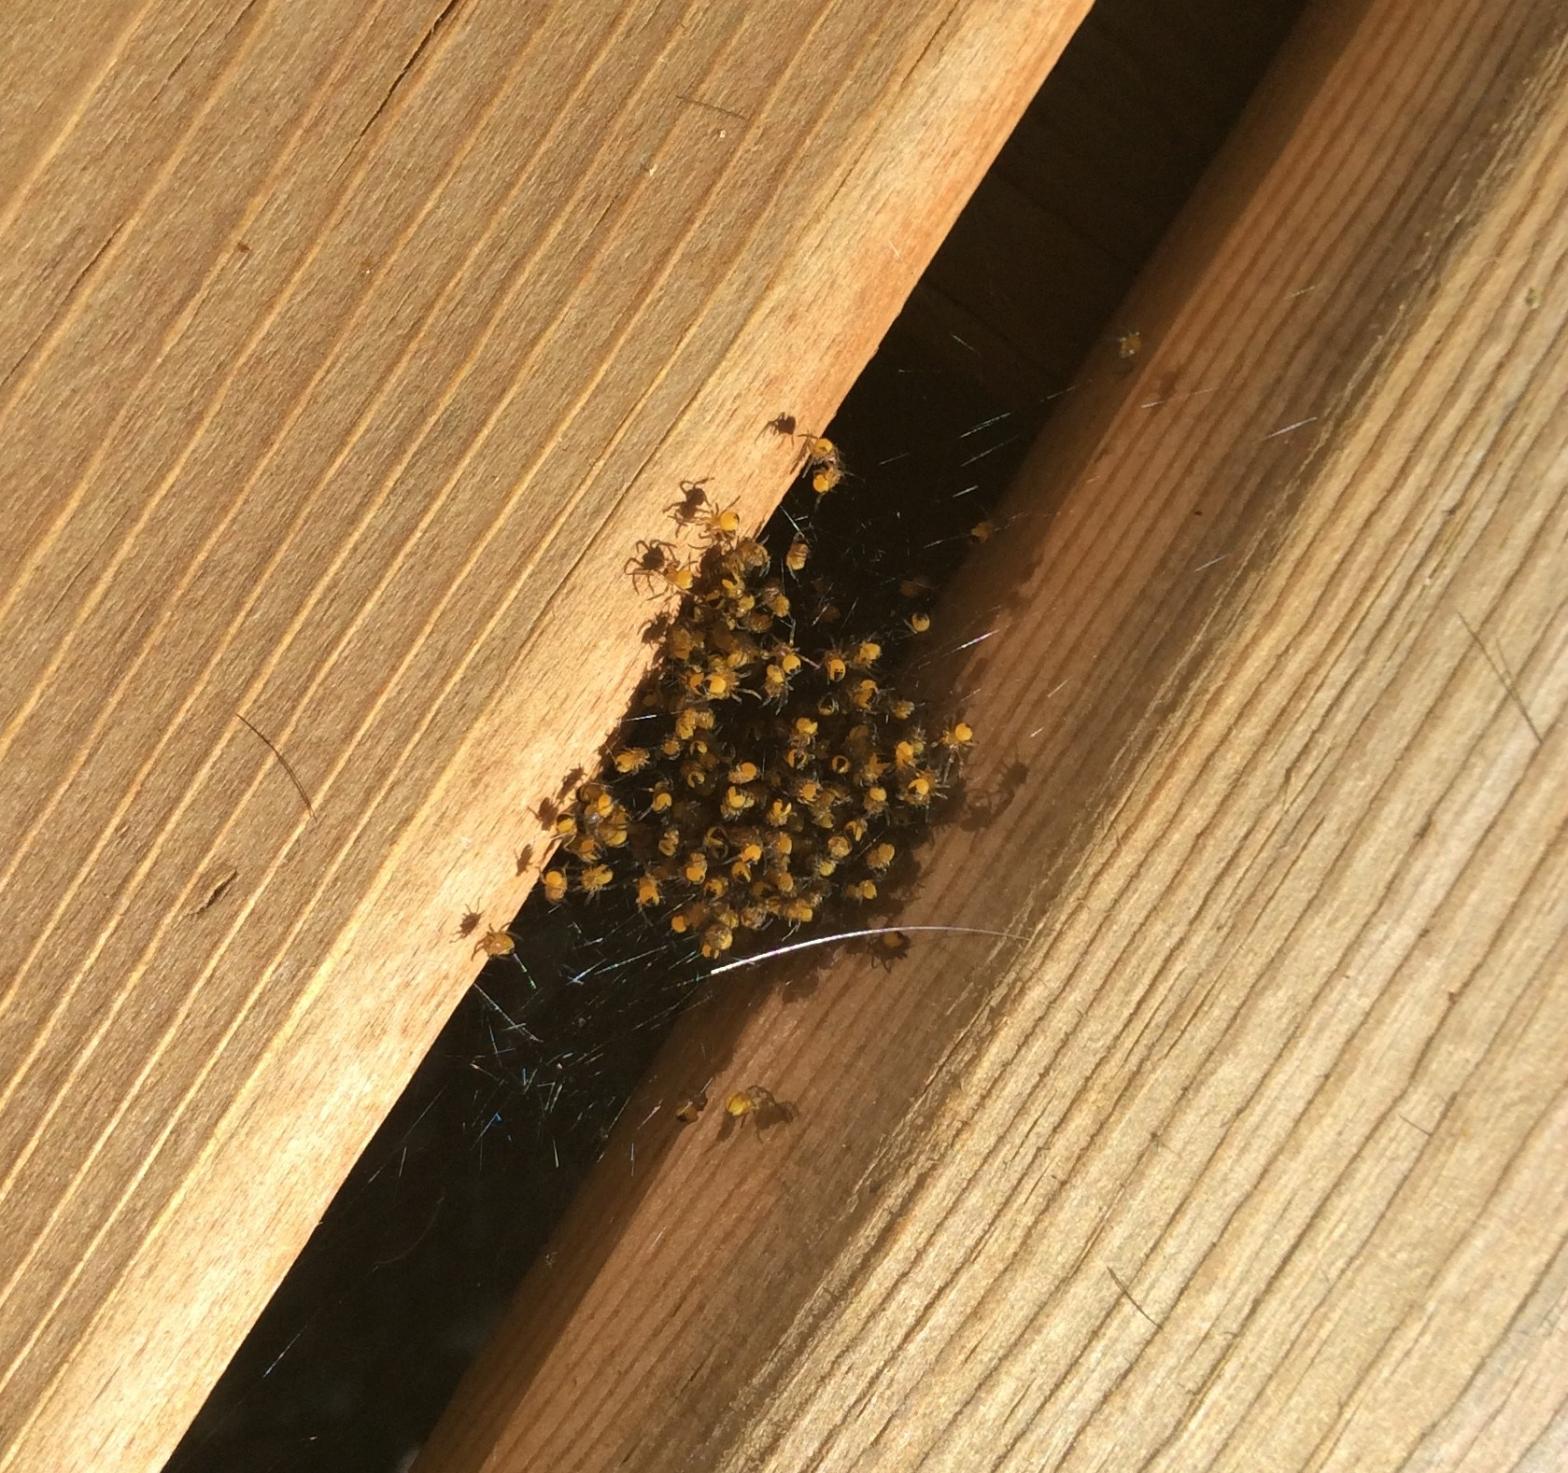 Next of baby Garden Spiders between the boards of the deck.